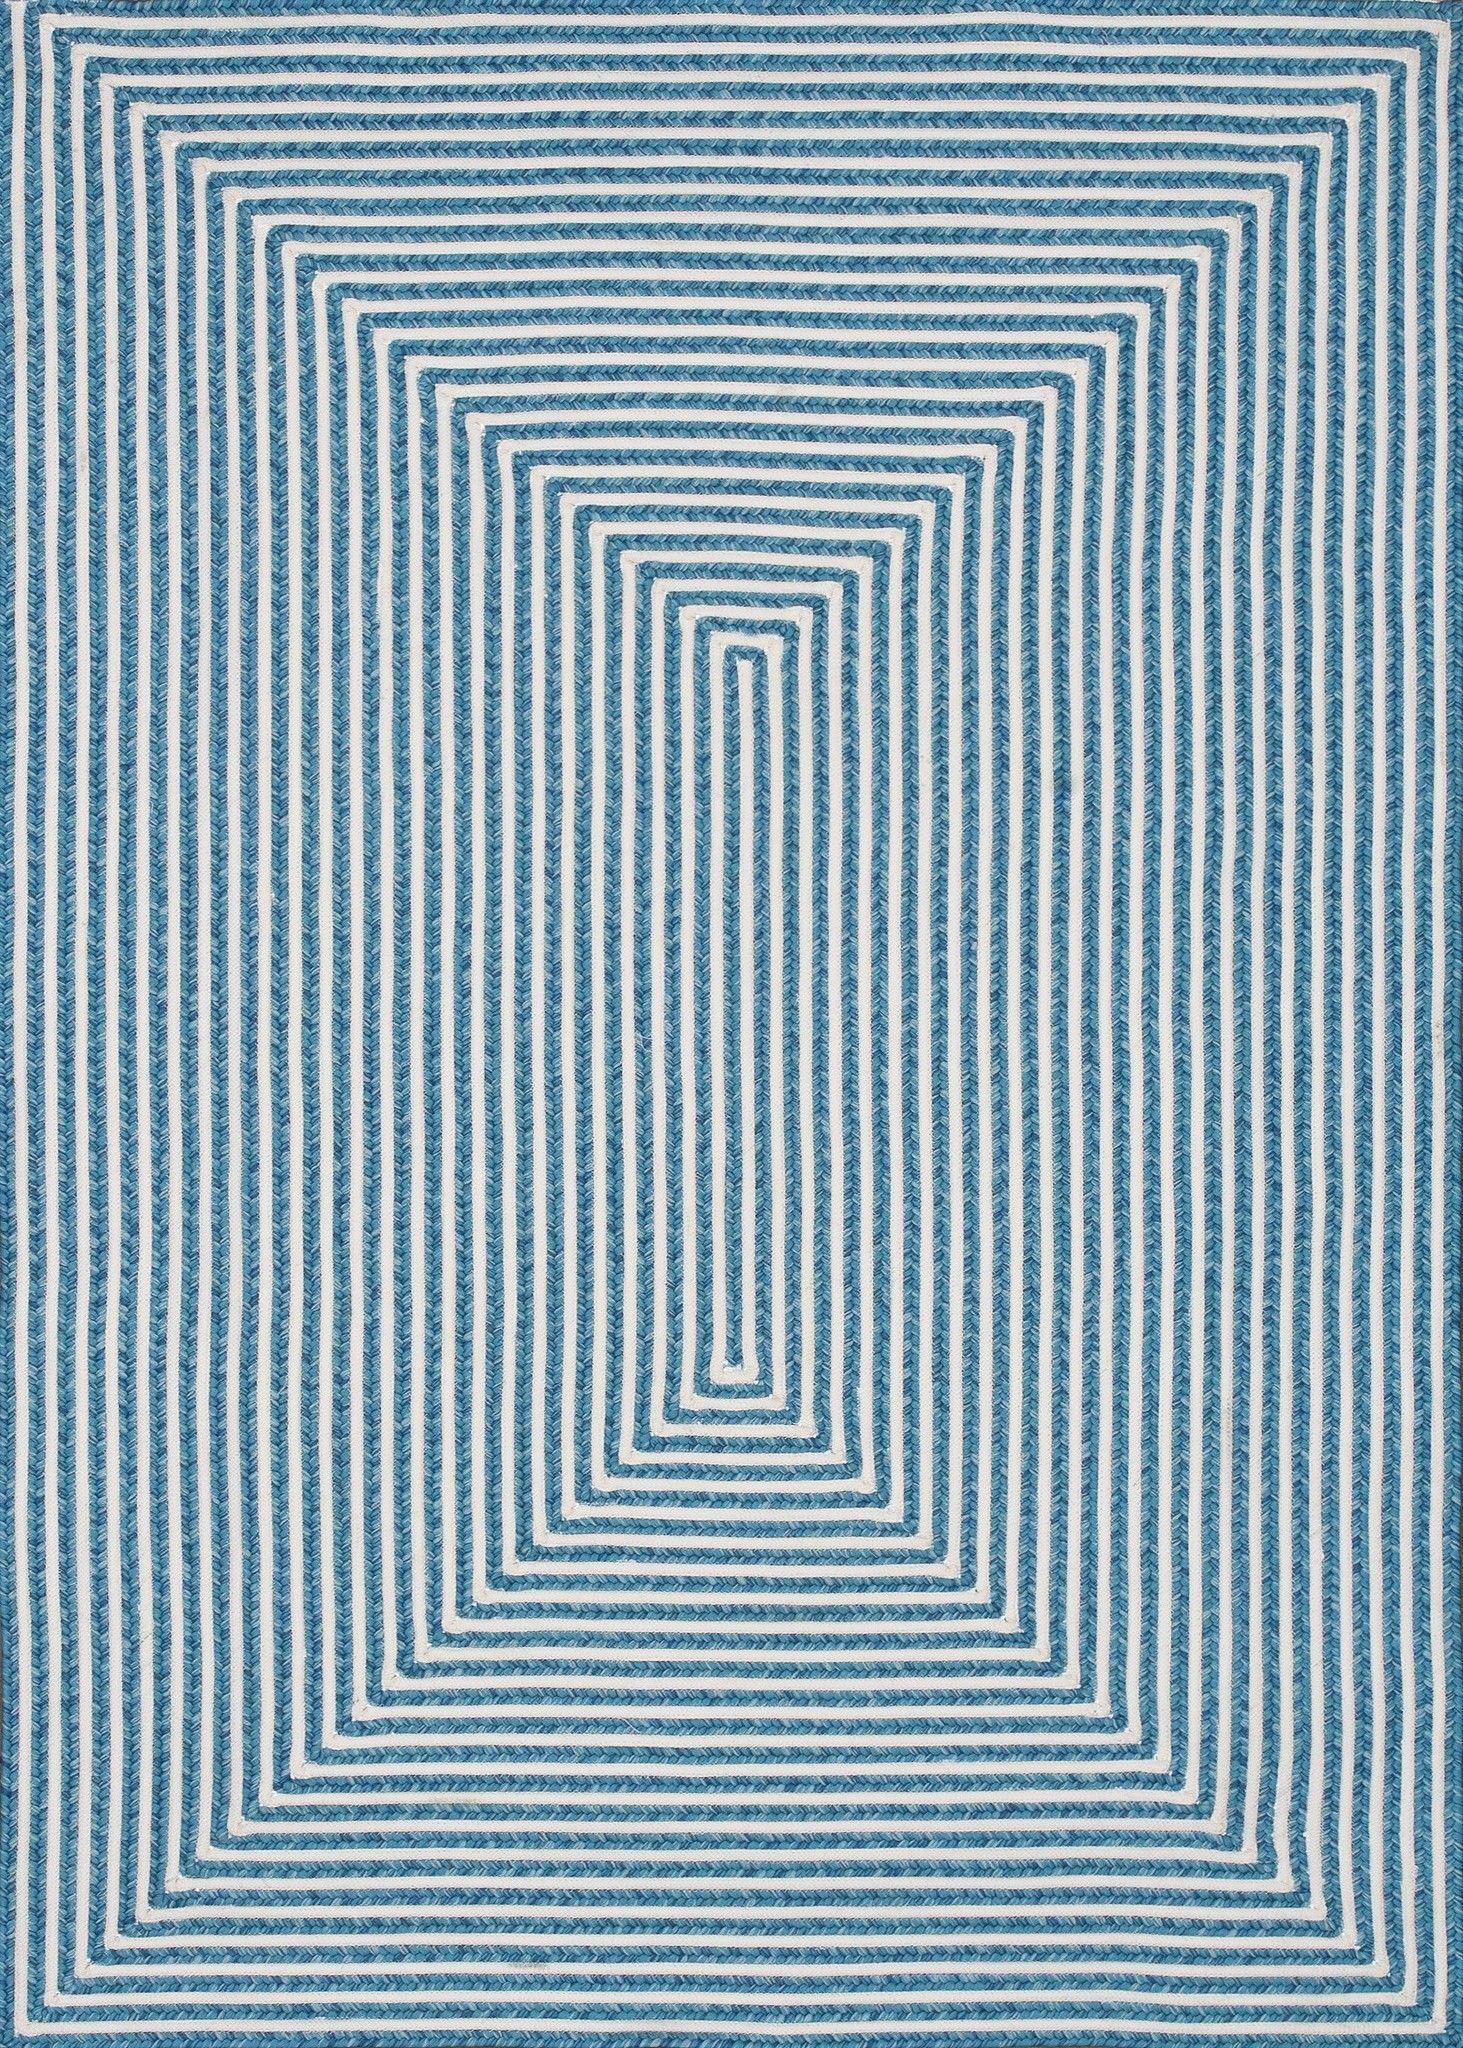 Otto indooroutdoor rug ocean indoor outdoor rugs outdoor rugs explore indoor outdoor rugs blue rugs and more baanklon Gallery